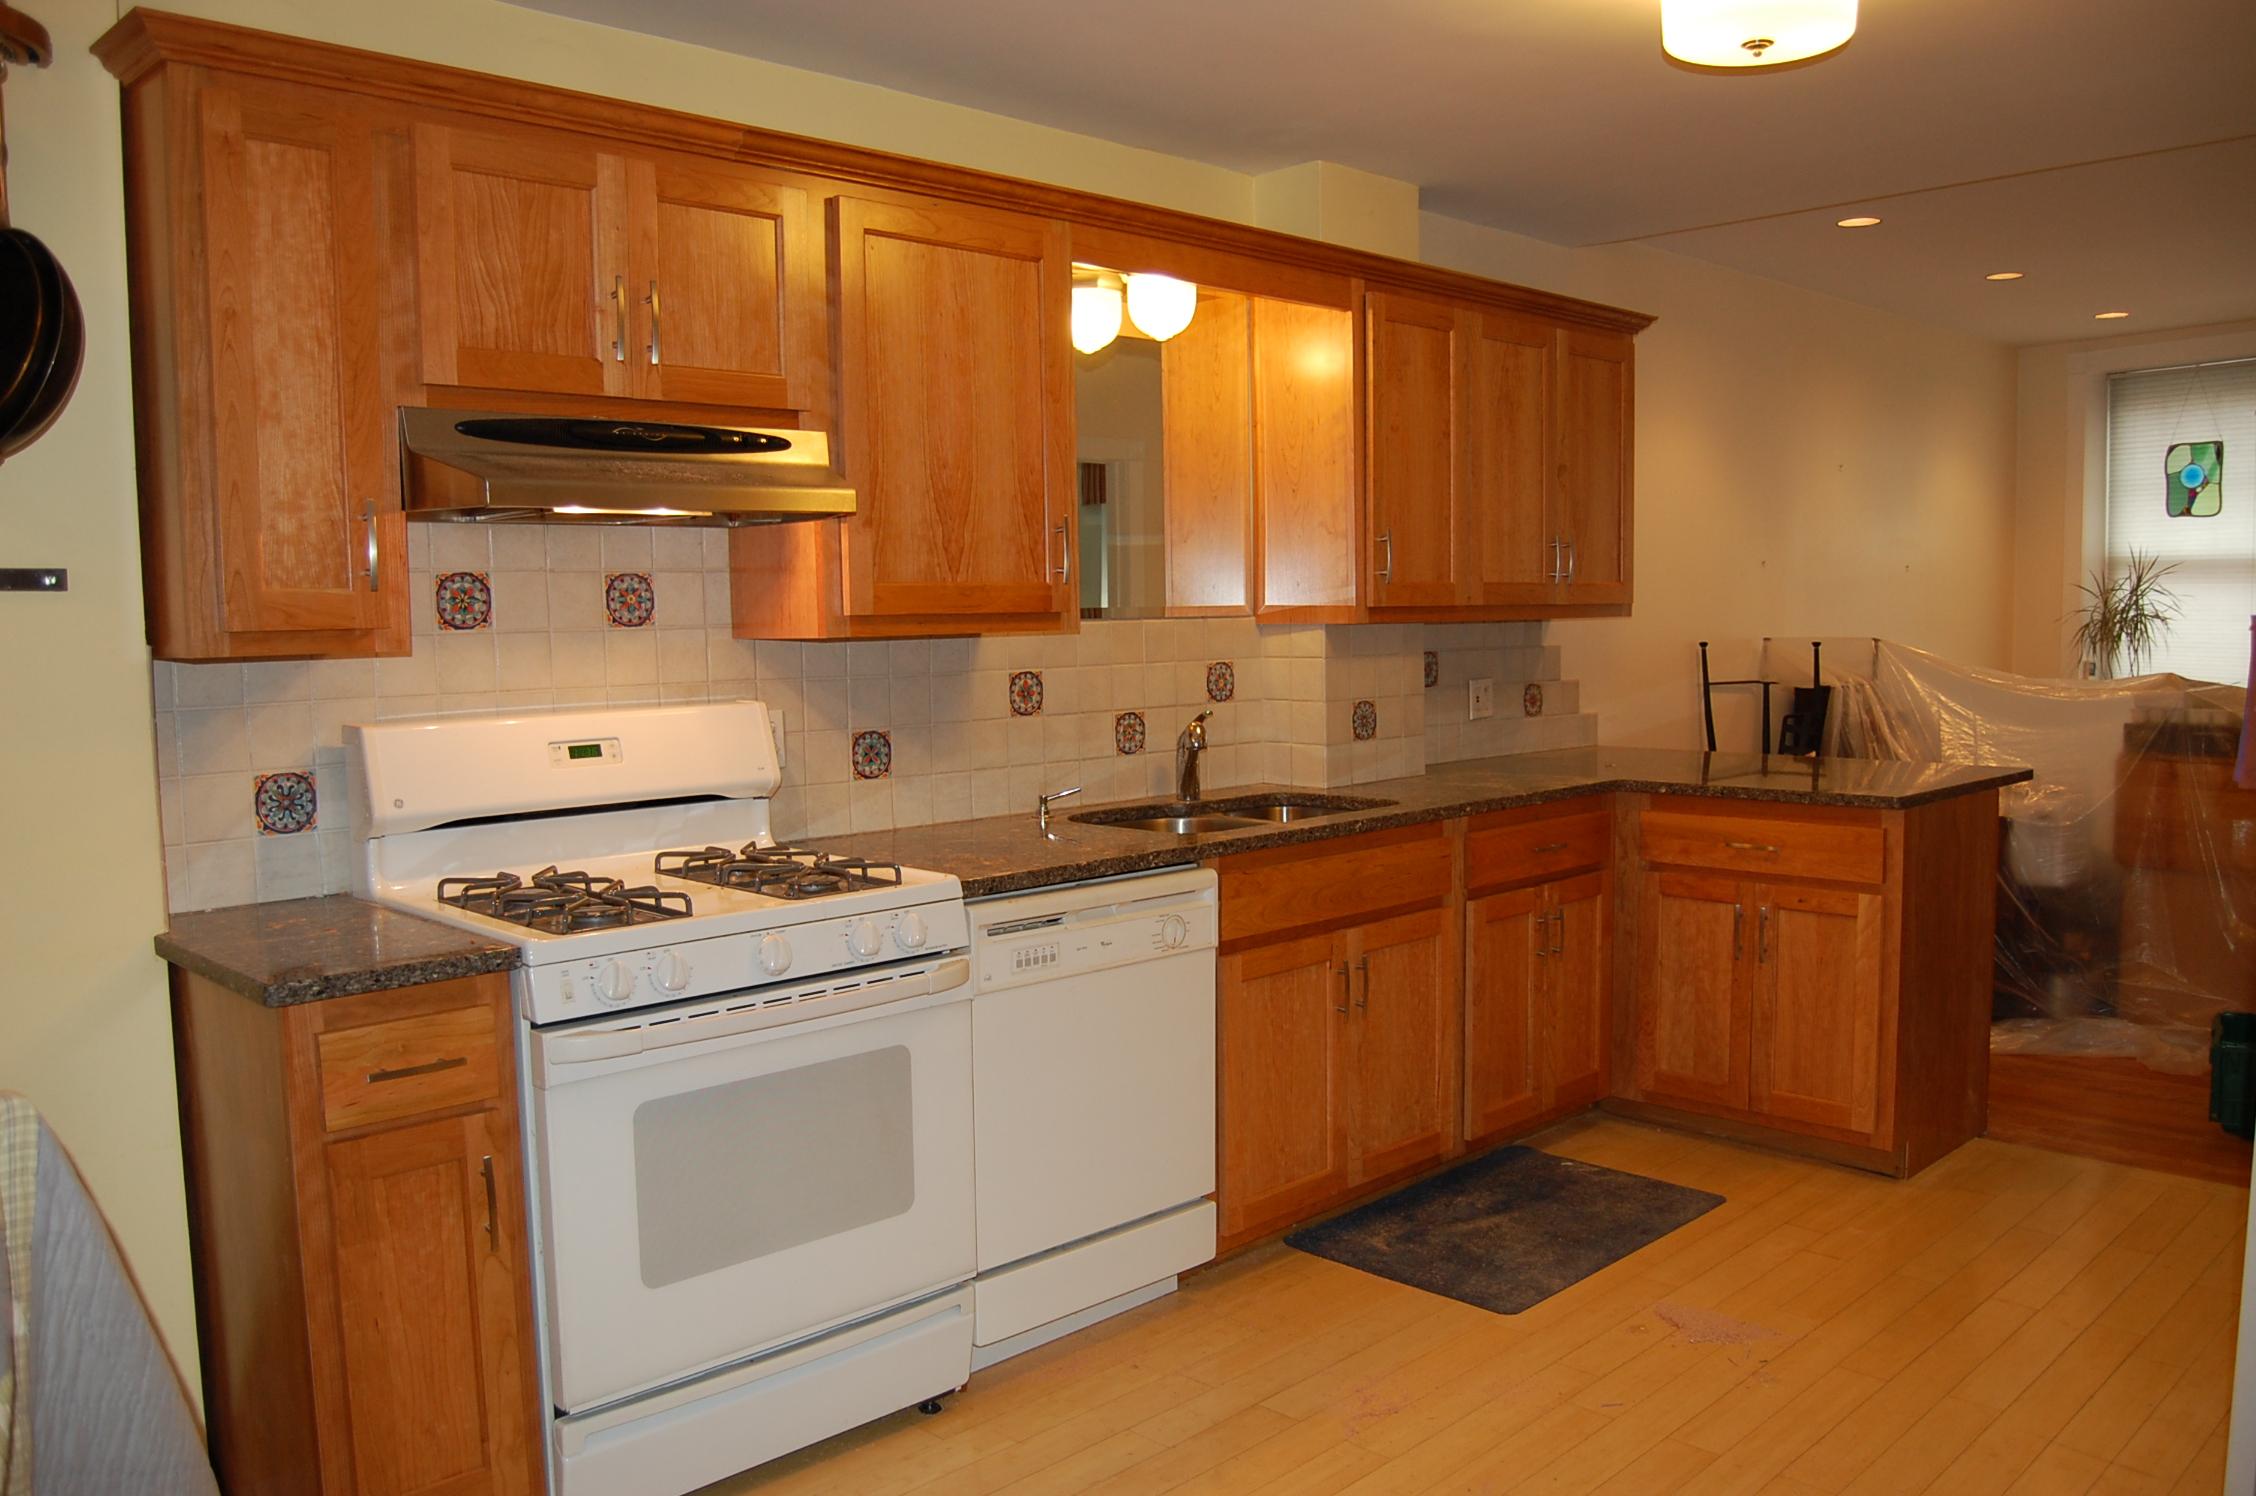 diy kitchen cabinet refacing kitchen cabinet refinishing Diy Kitchen Cabinet Refacing Video